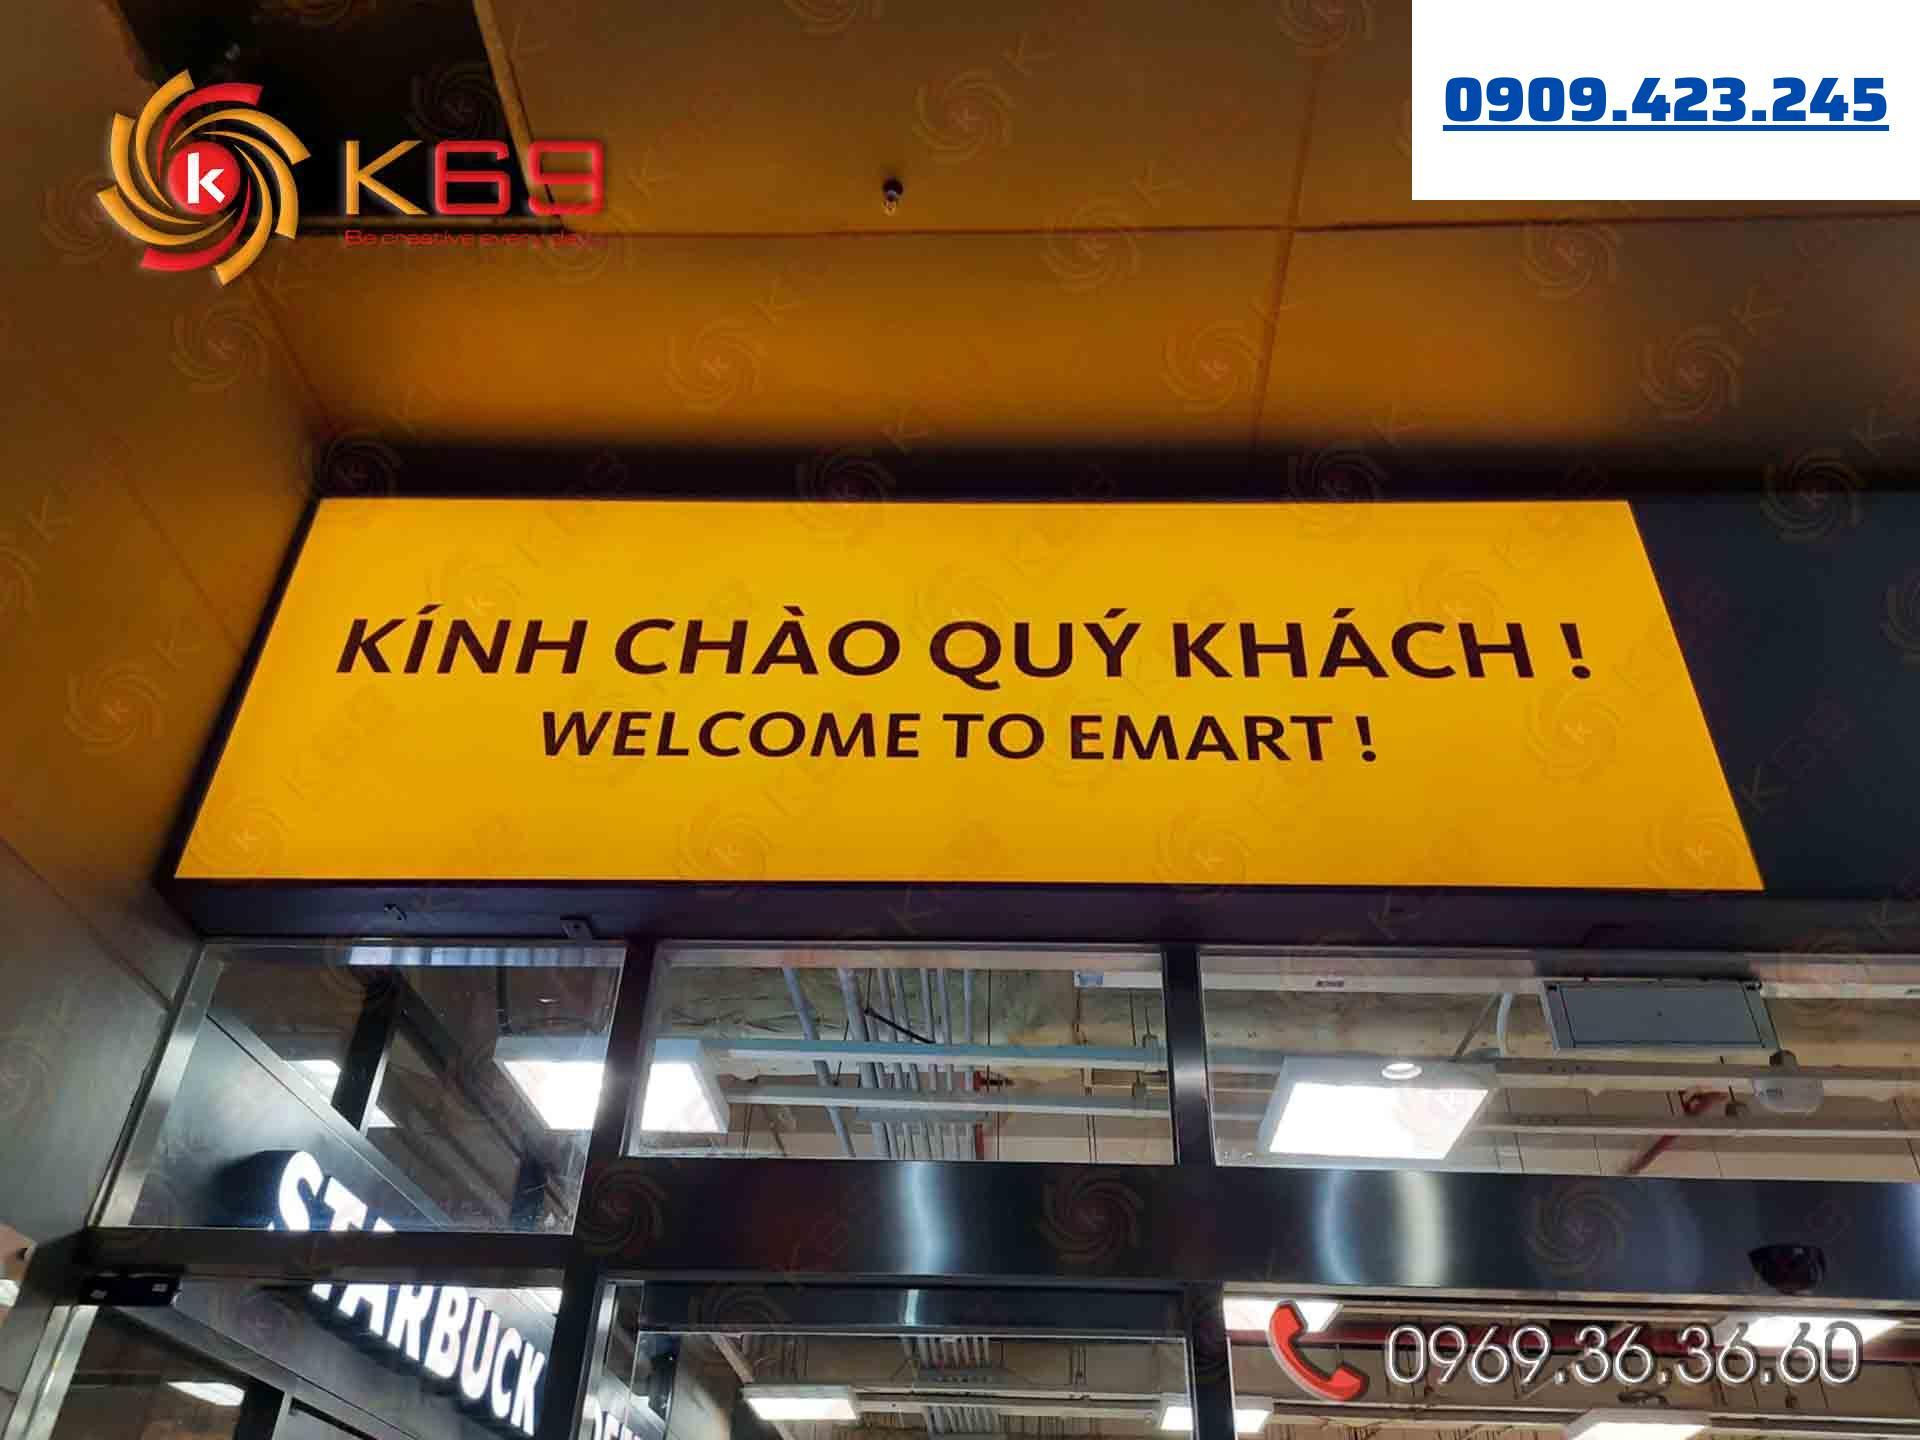 Mẫu bảng hiệu siêu thị emart đẹp tại K69adv